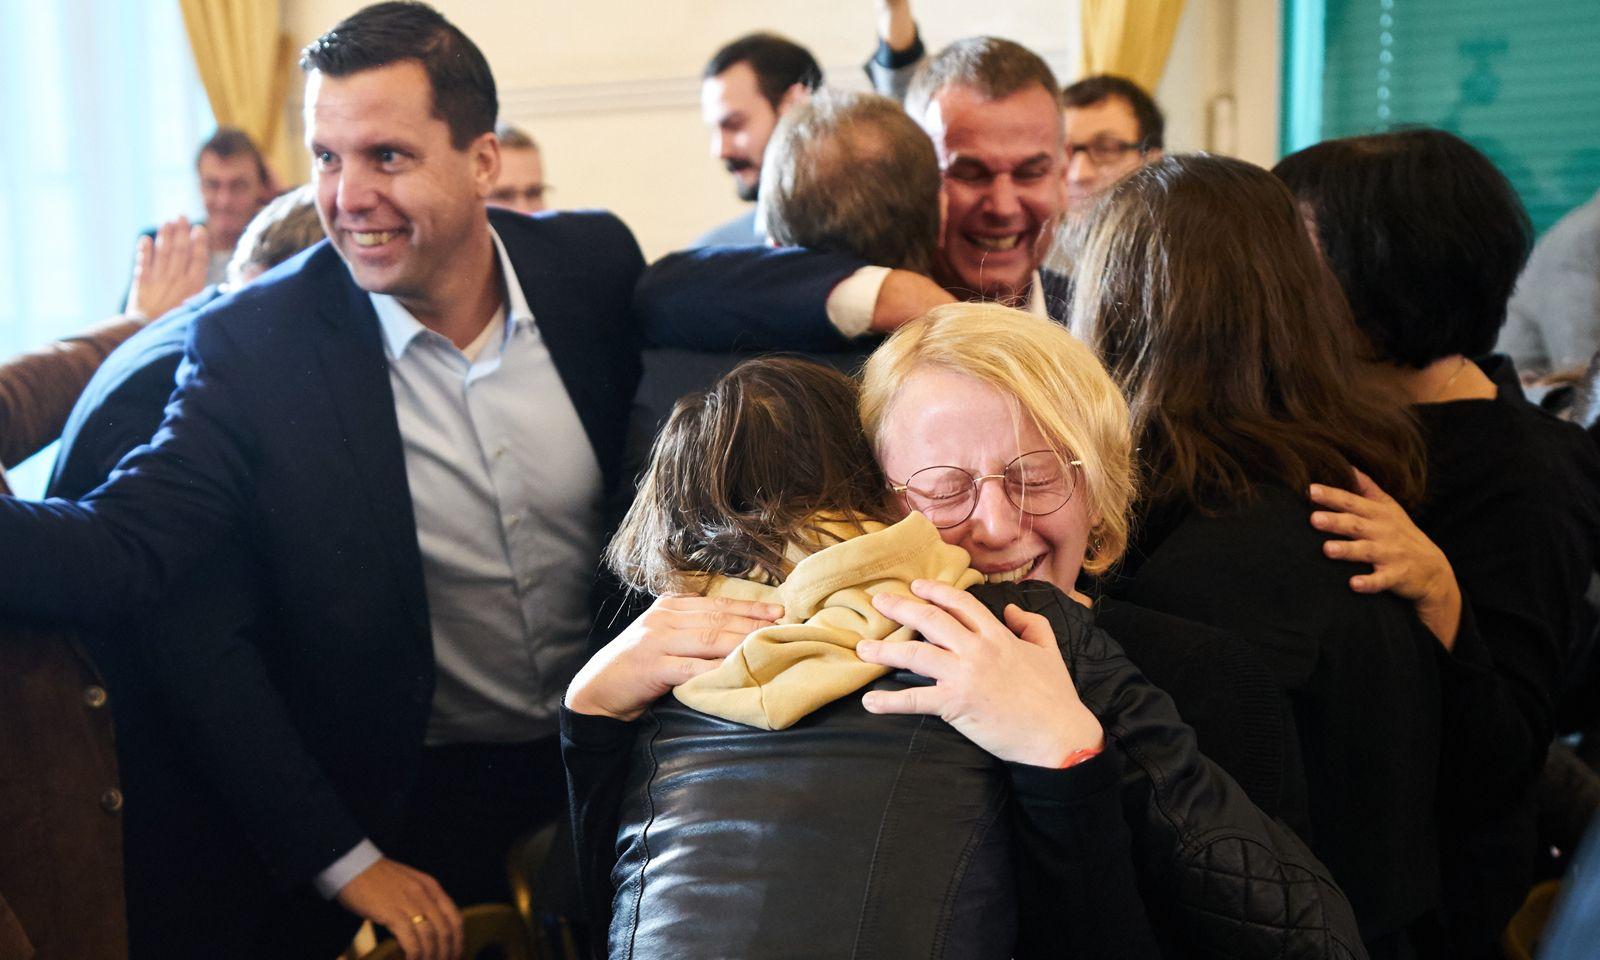 Jubel bei der Salzkammergut-Delegation im Kanzleramt: Das Konzept hat gewonnen.